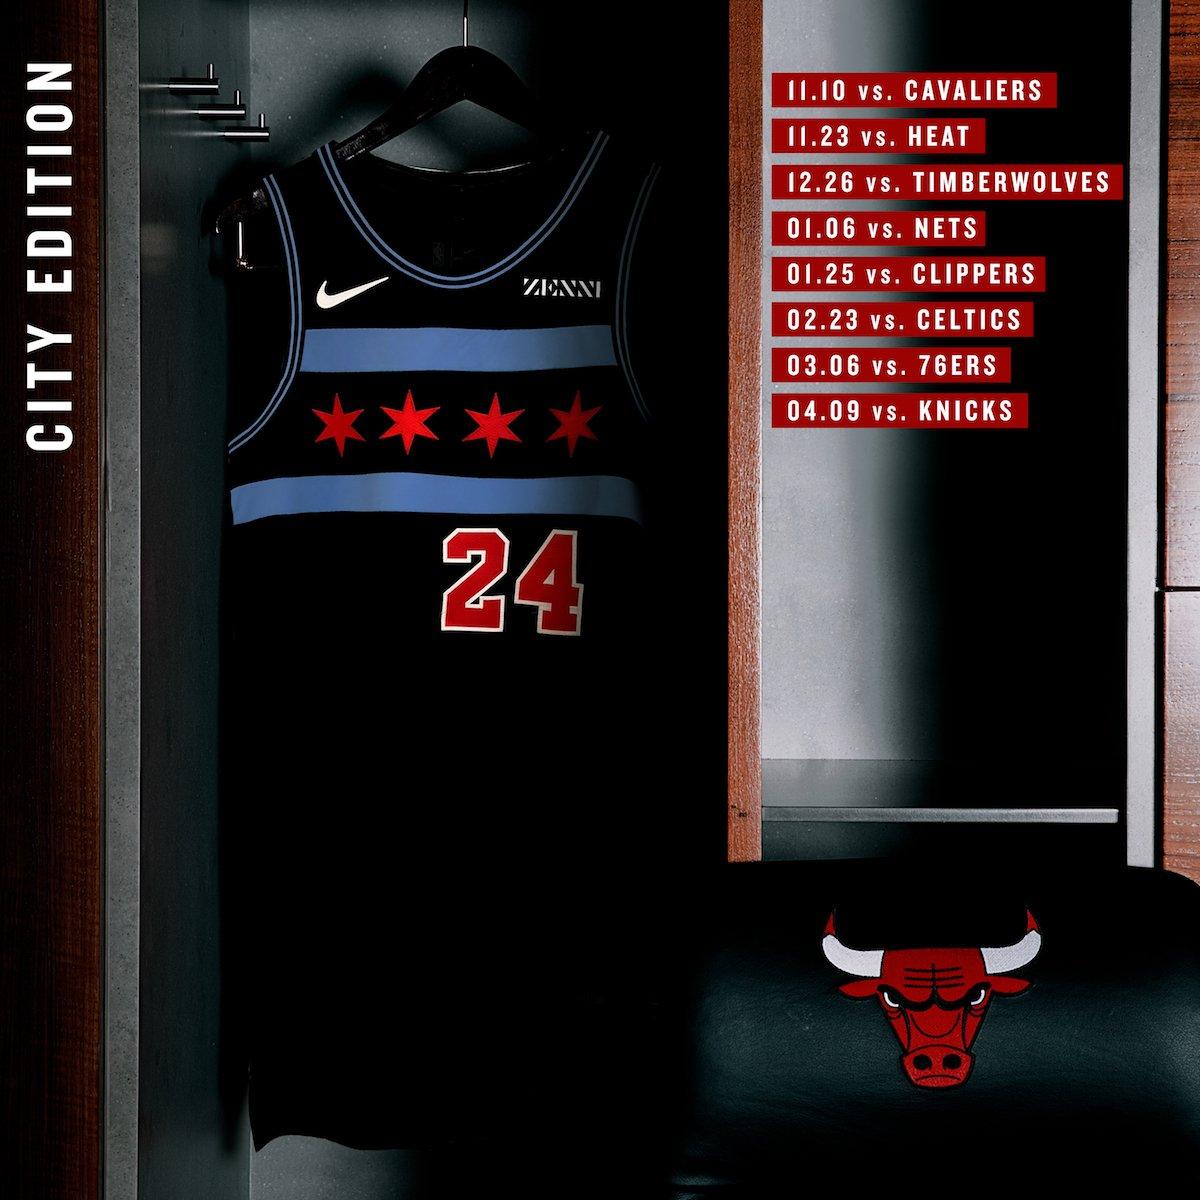 online retailer 5f6d3 27528 Chicago Bulls on Twitter: